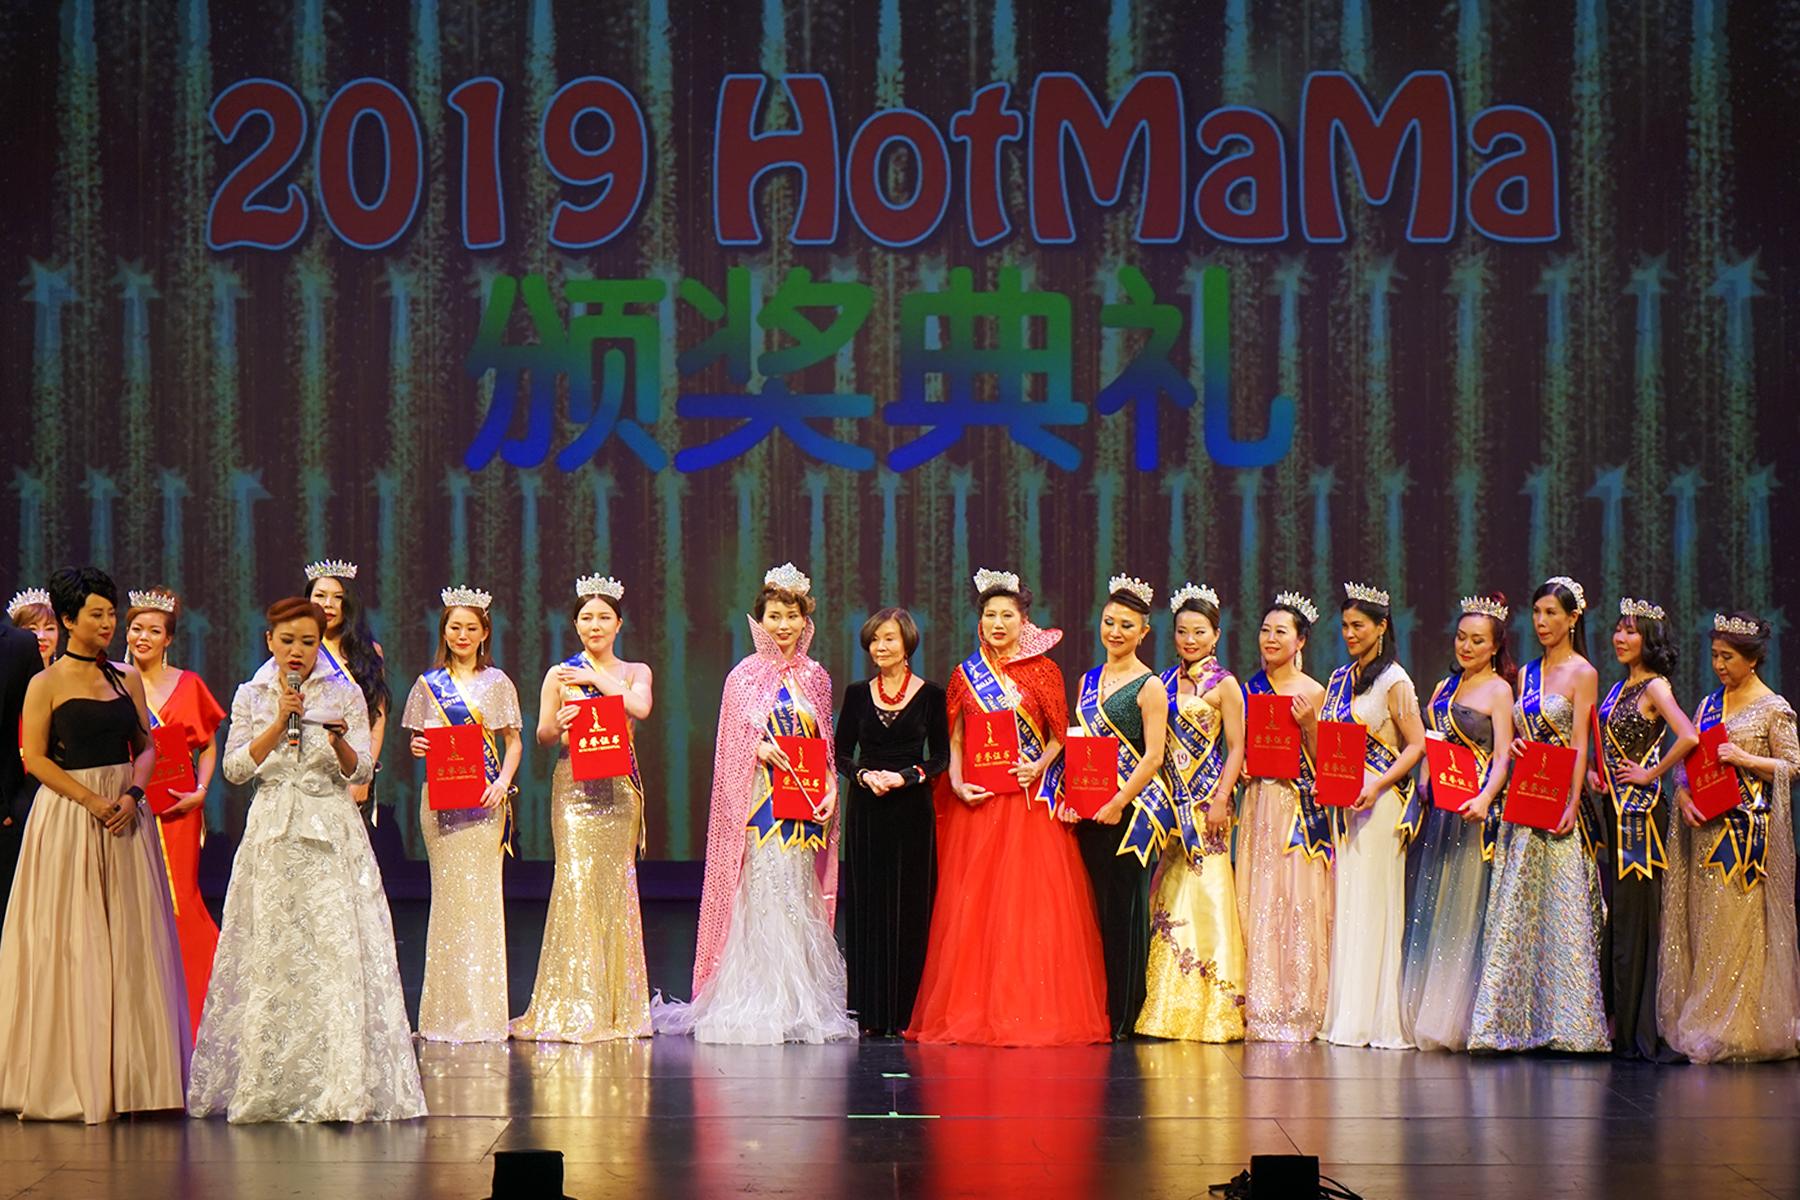 國際辣媽大賽創始人陳鐵梅(前左二)向獲獎辣媽表示祝賀。